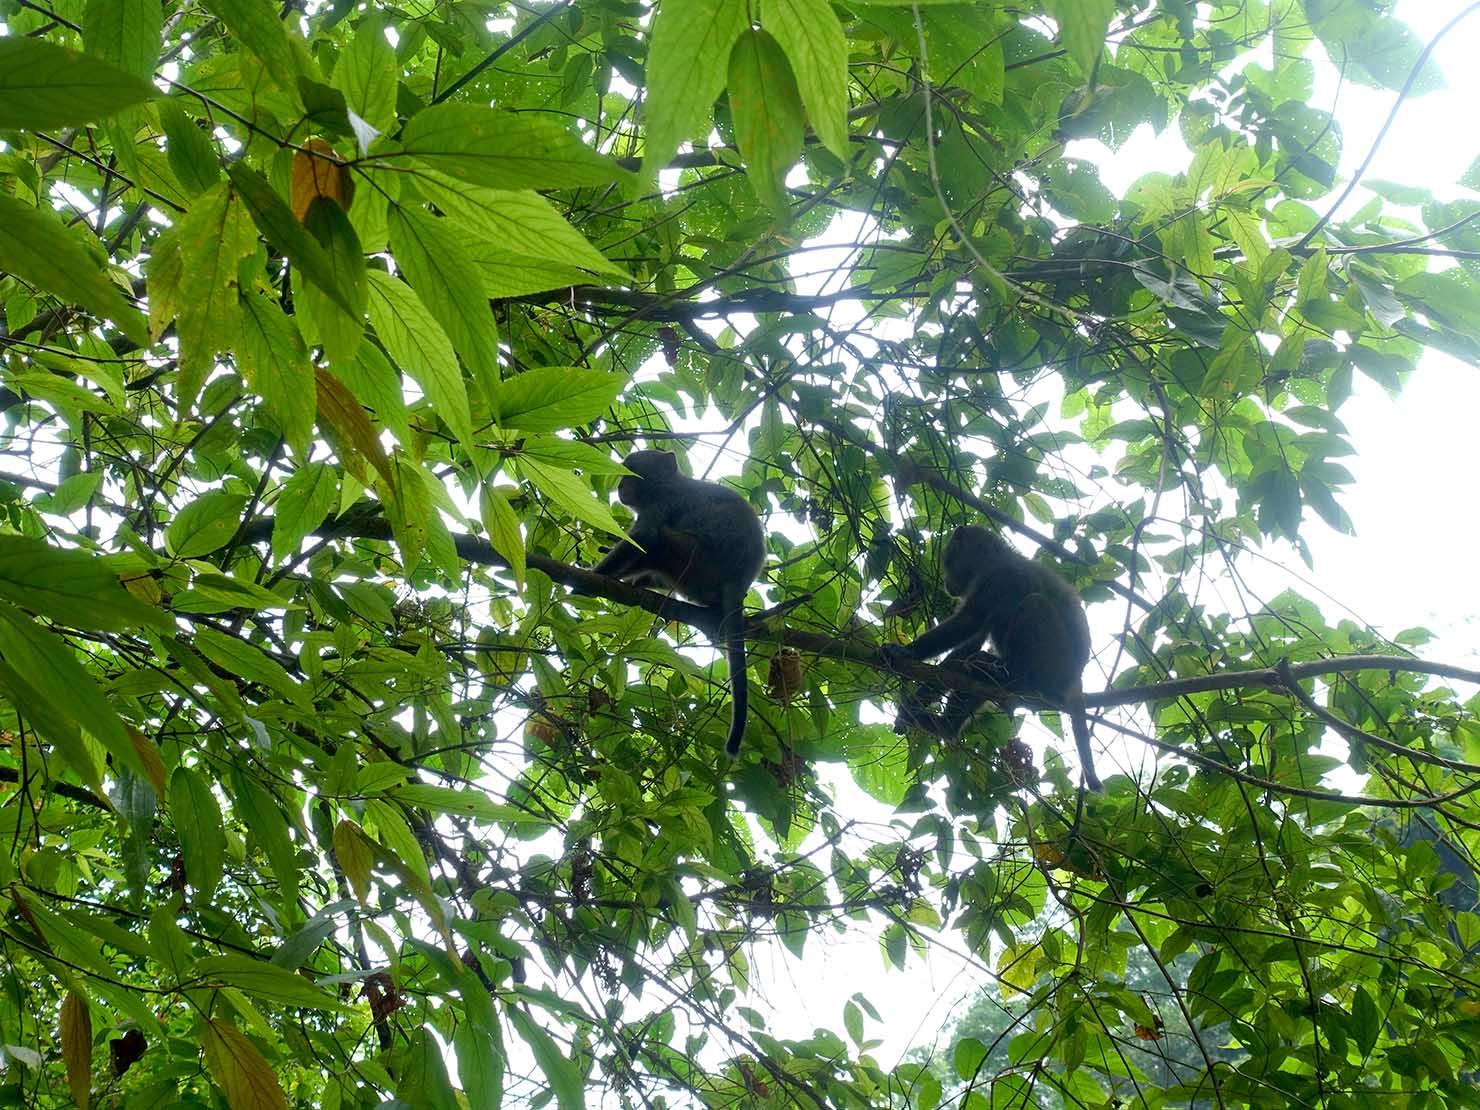 KKday外国人限定「花蓮・太魯閣(タロコ)日帰りツアー」砂卡噹步道で出会った野生の猿